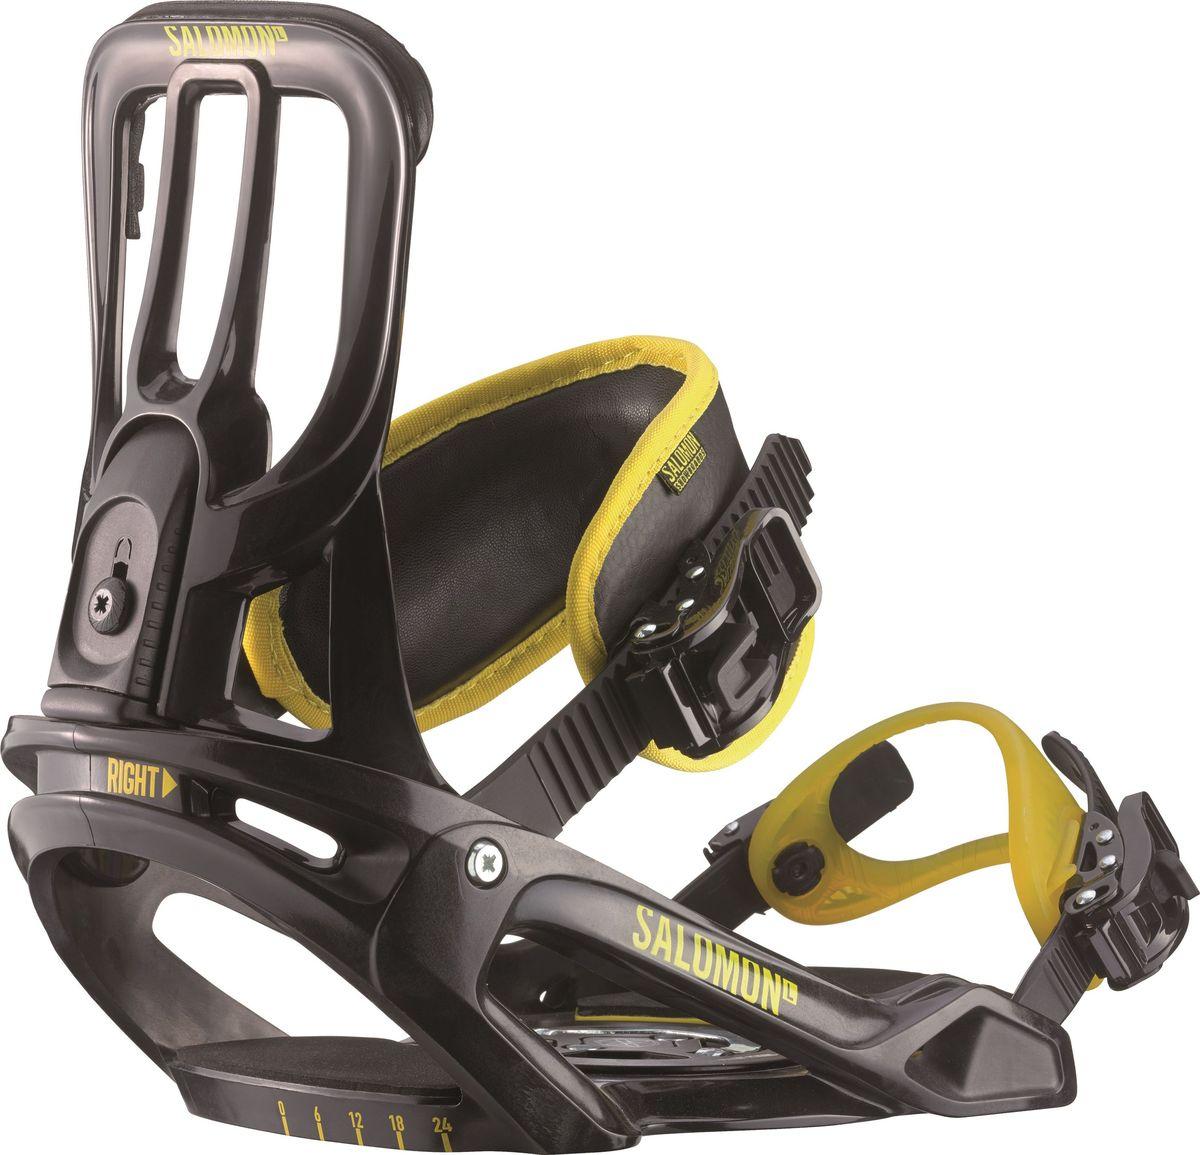 Крепление для сноуборда Salomon Unite, цвет: черный, желтый. Размер LL39837500Легкое, простое, крепкое, легко настраиваемое крепление Salomon Unite прекрасно подходит для освоения сноубордического катания новичками. Крепления оснащены диском, позволяющим быстро отрегулировать угол установки креплений, а также быструю установку/съем самих креплений.Как выбрать сноуборд. Статья OZON Гид